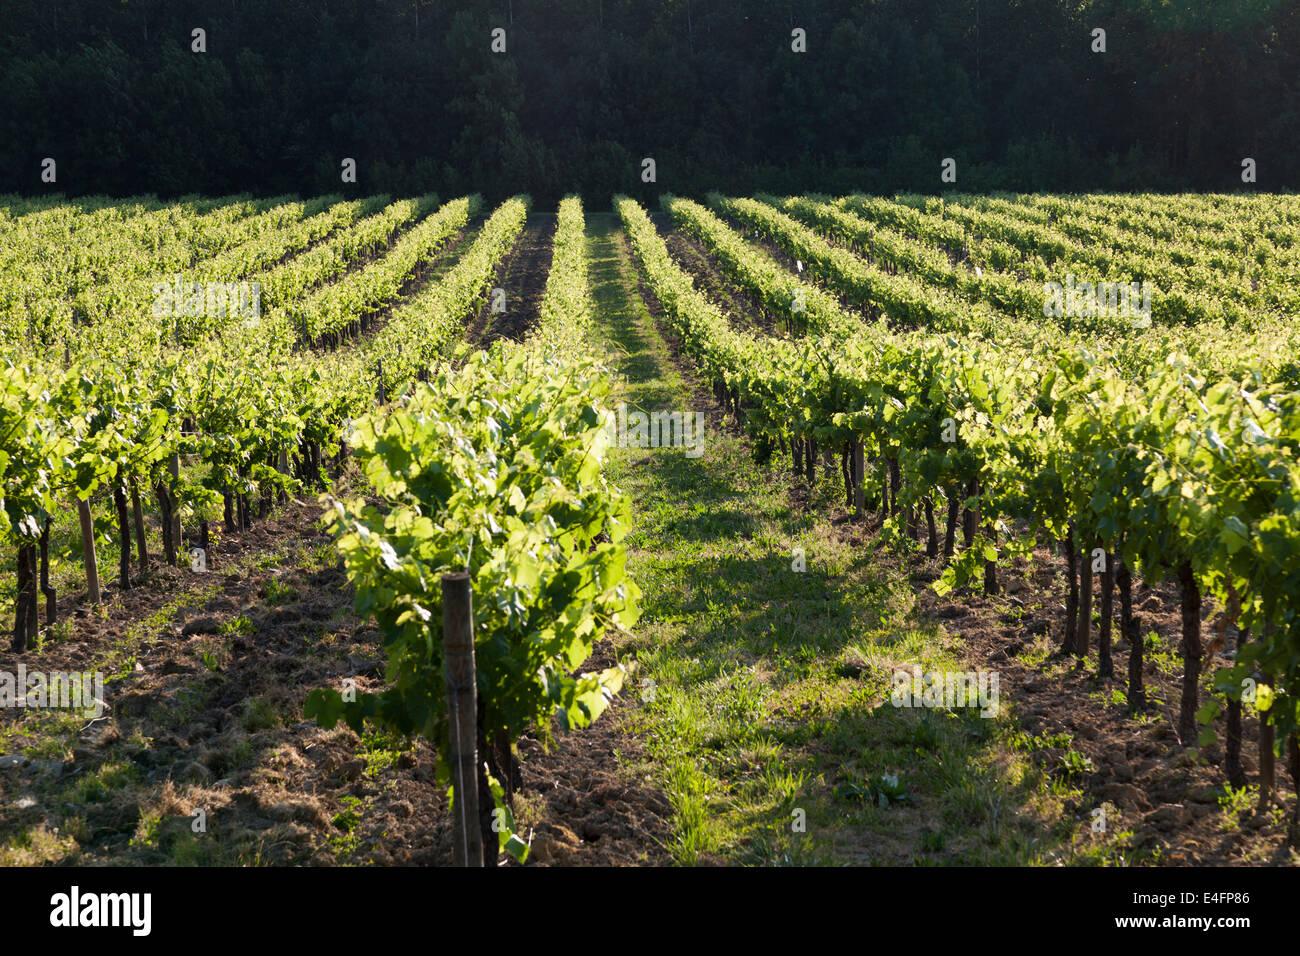 Reihen von Weinreben Perspektive. Stockbild